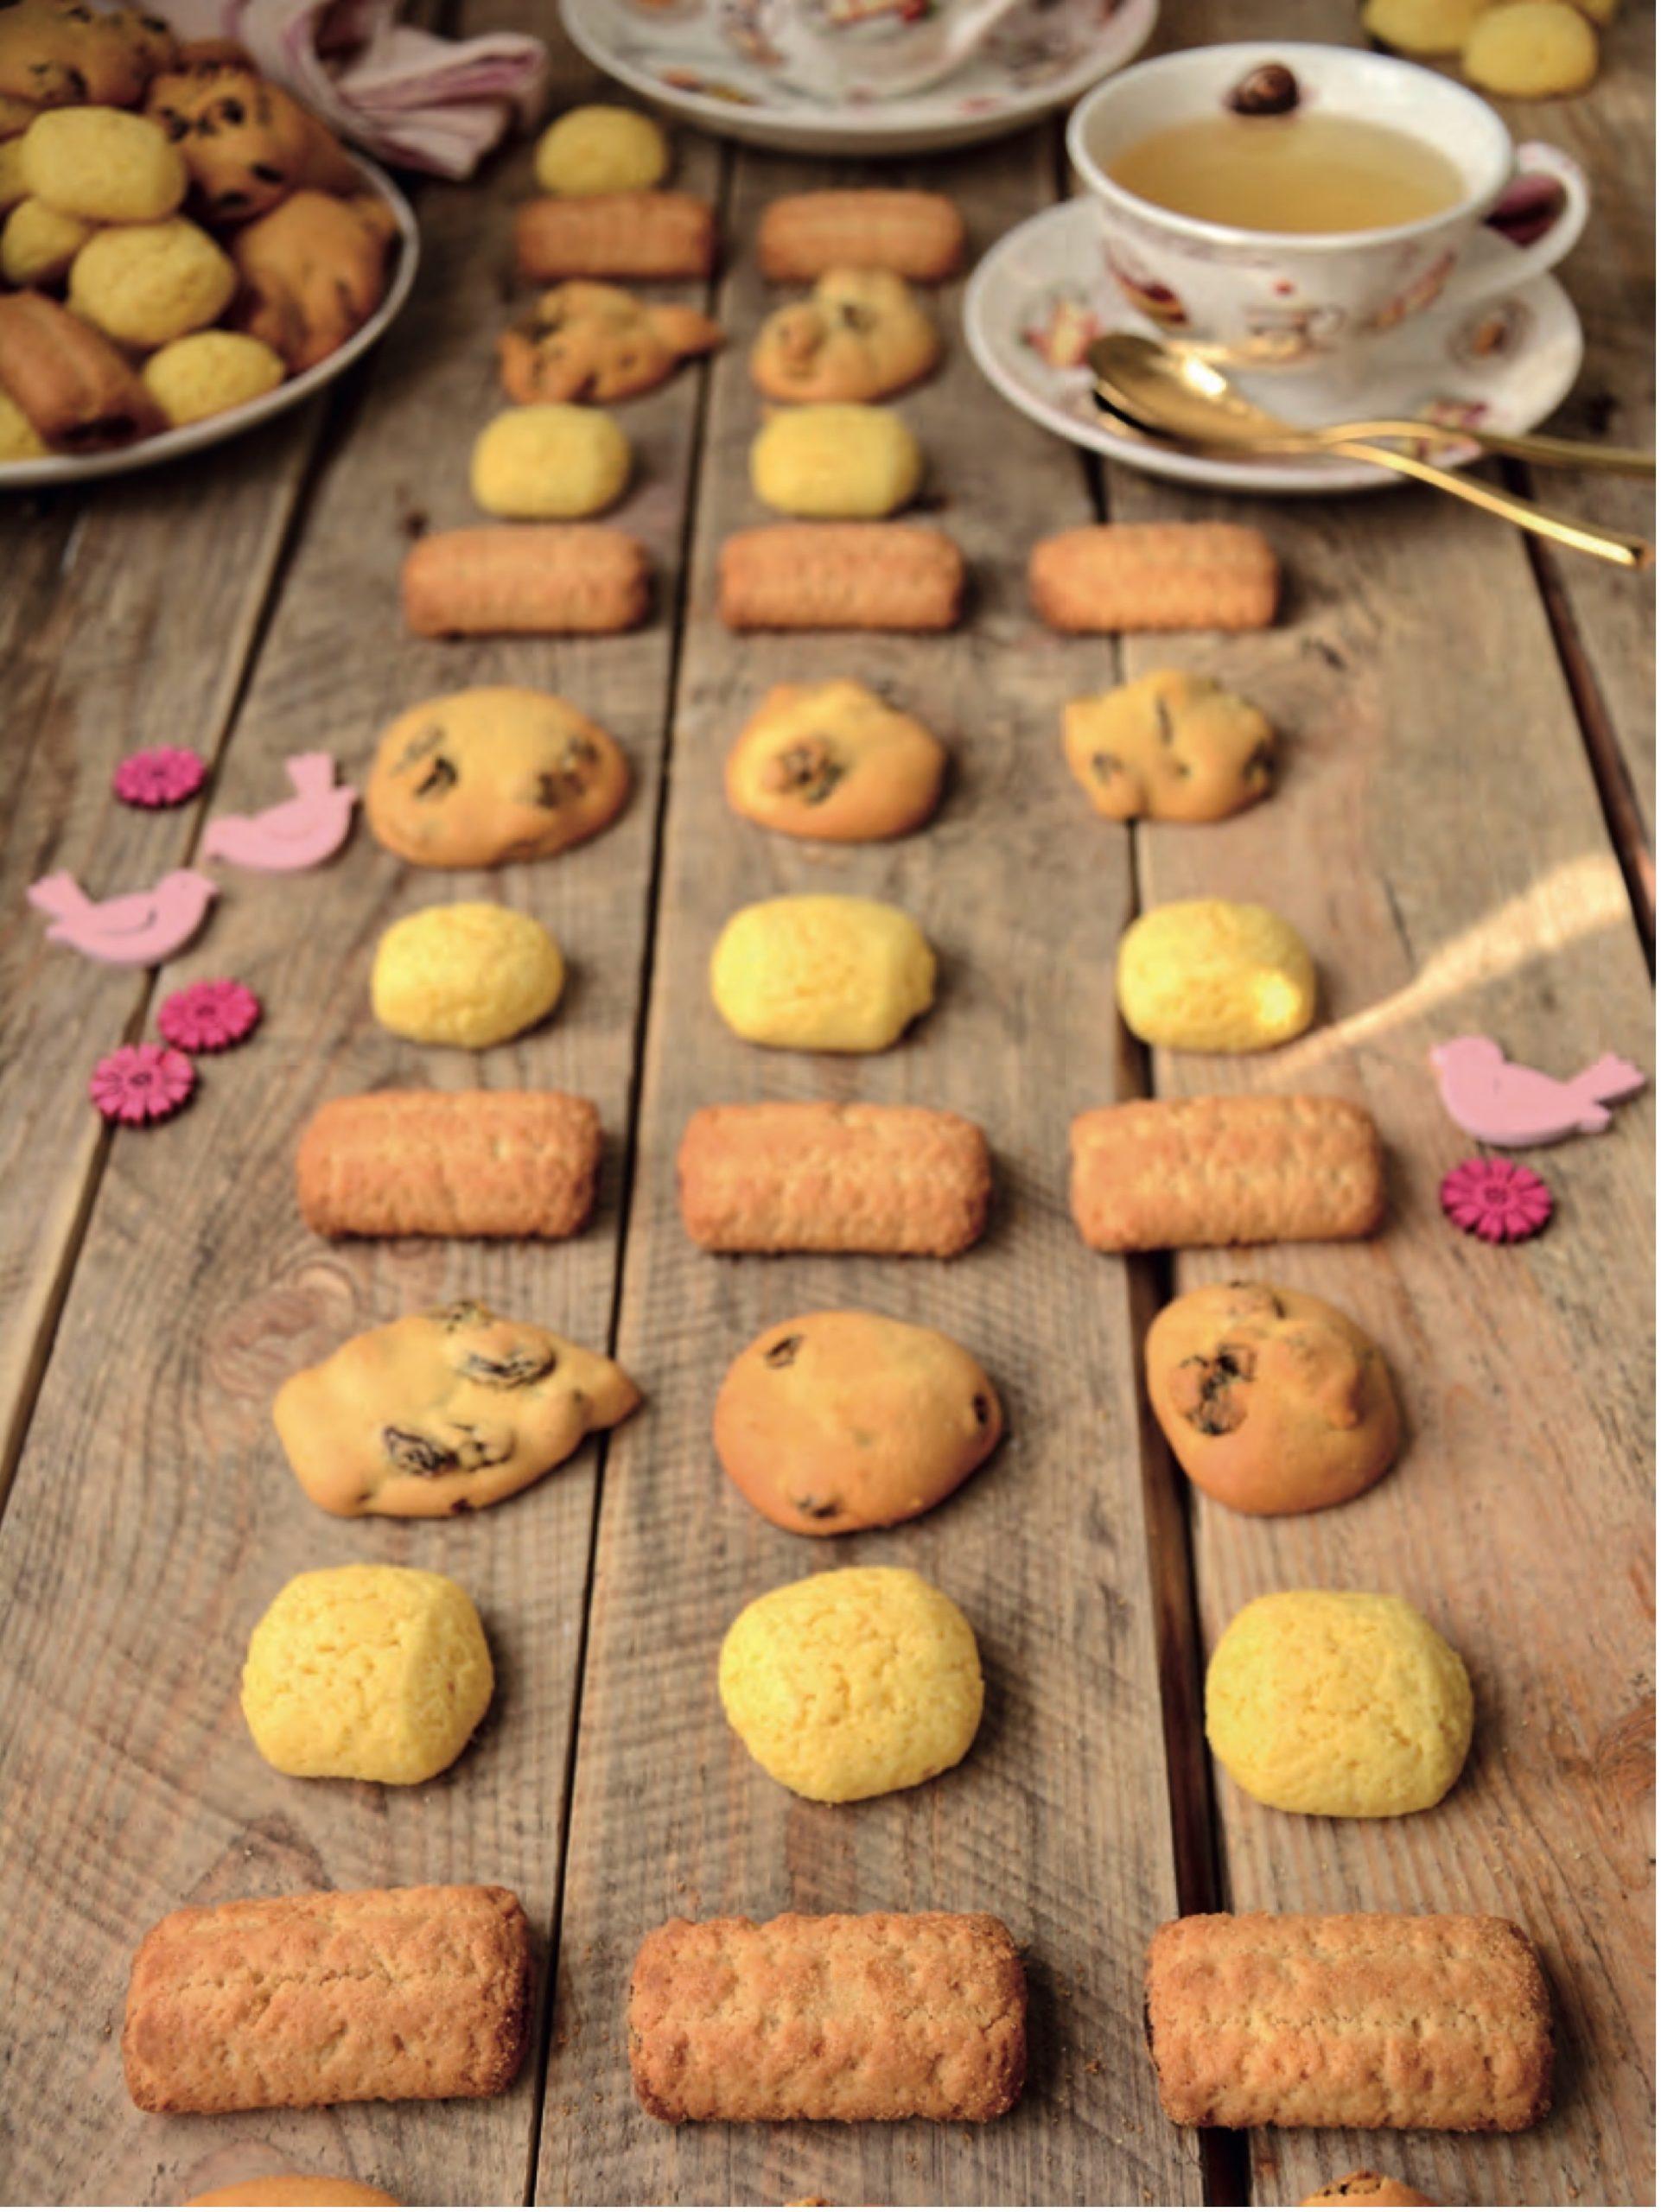 Il piano focale è la seconda fila di biscotti dal basso